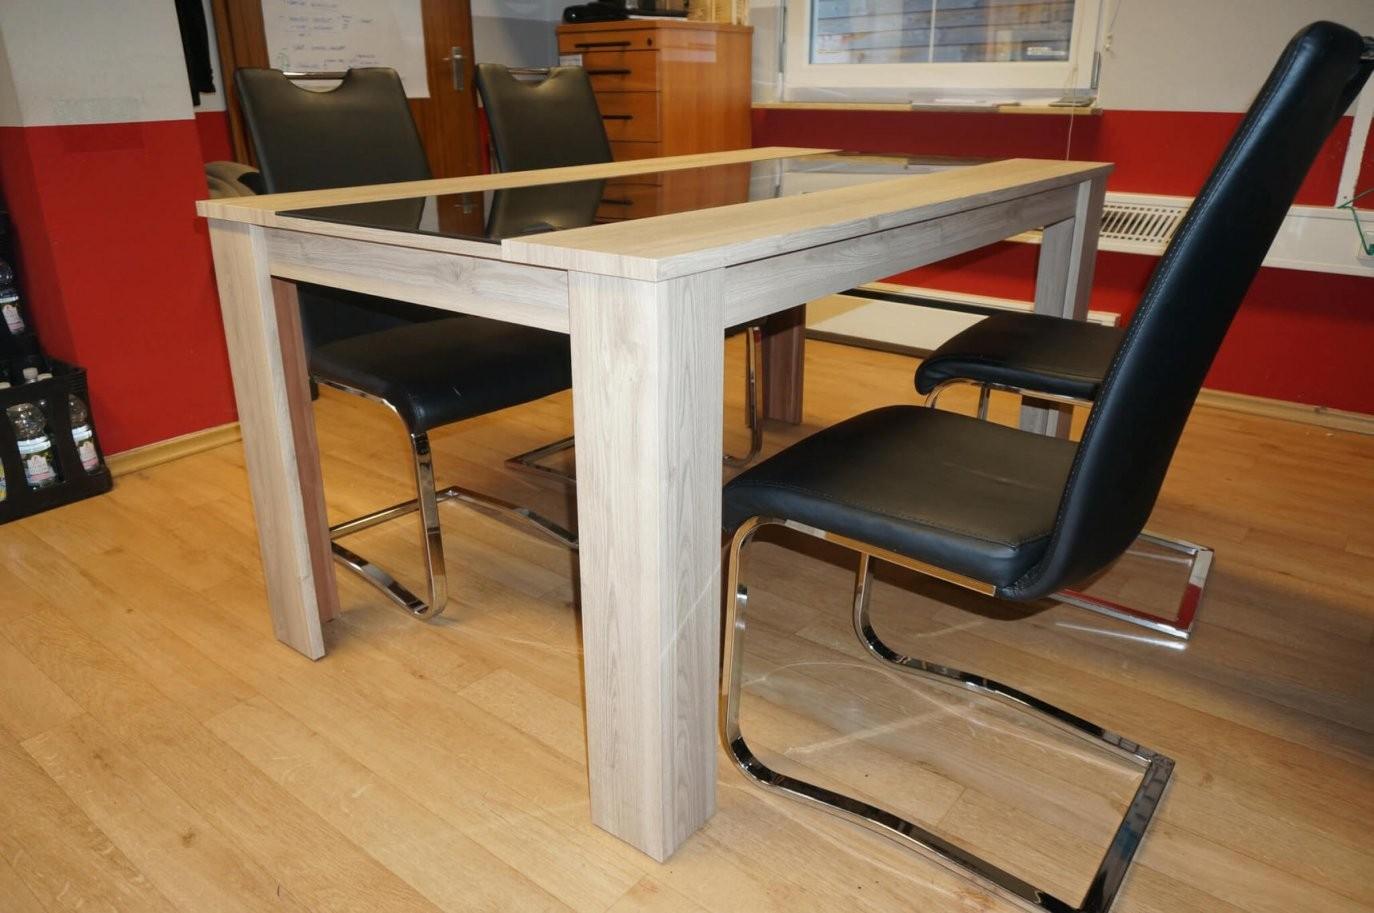 Neues Für Tische Und Tischplatten  Bekleben  Resimdo von Alten Tisch Neu Gestalten Photo